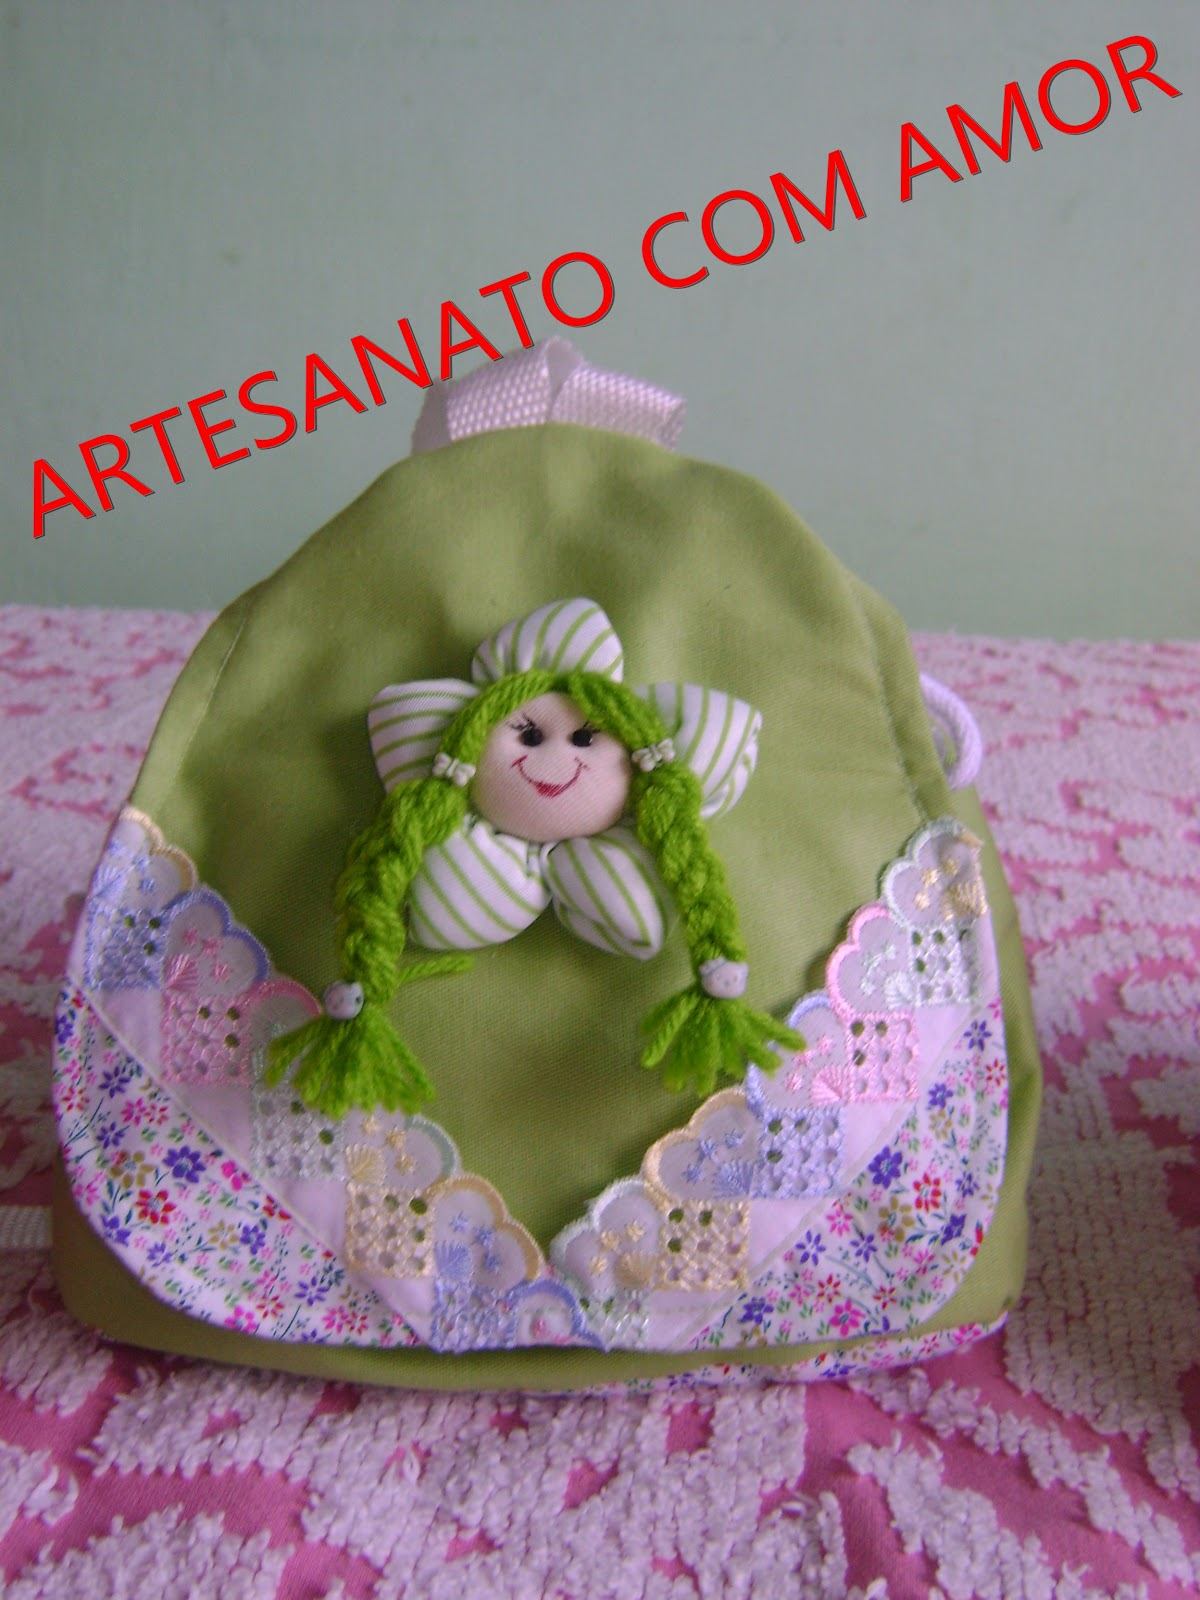 Artesanato Infantil Com Tecido ~ ARTESANATO COM AMOR BOLSAS DE TECIDO INFANTIL